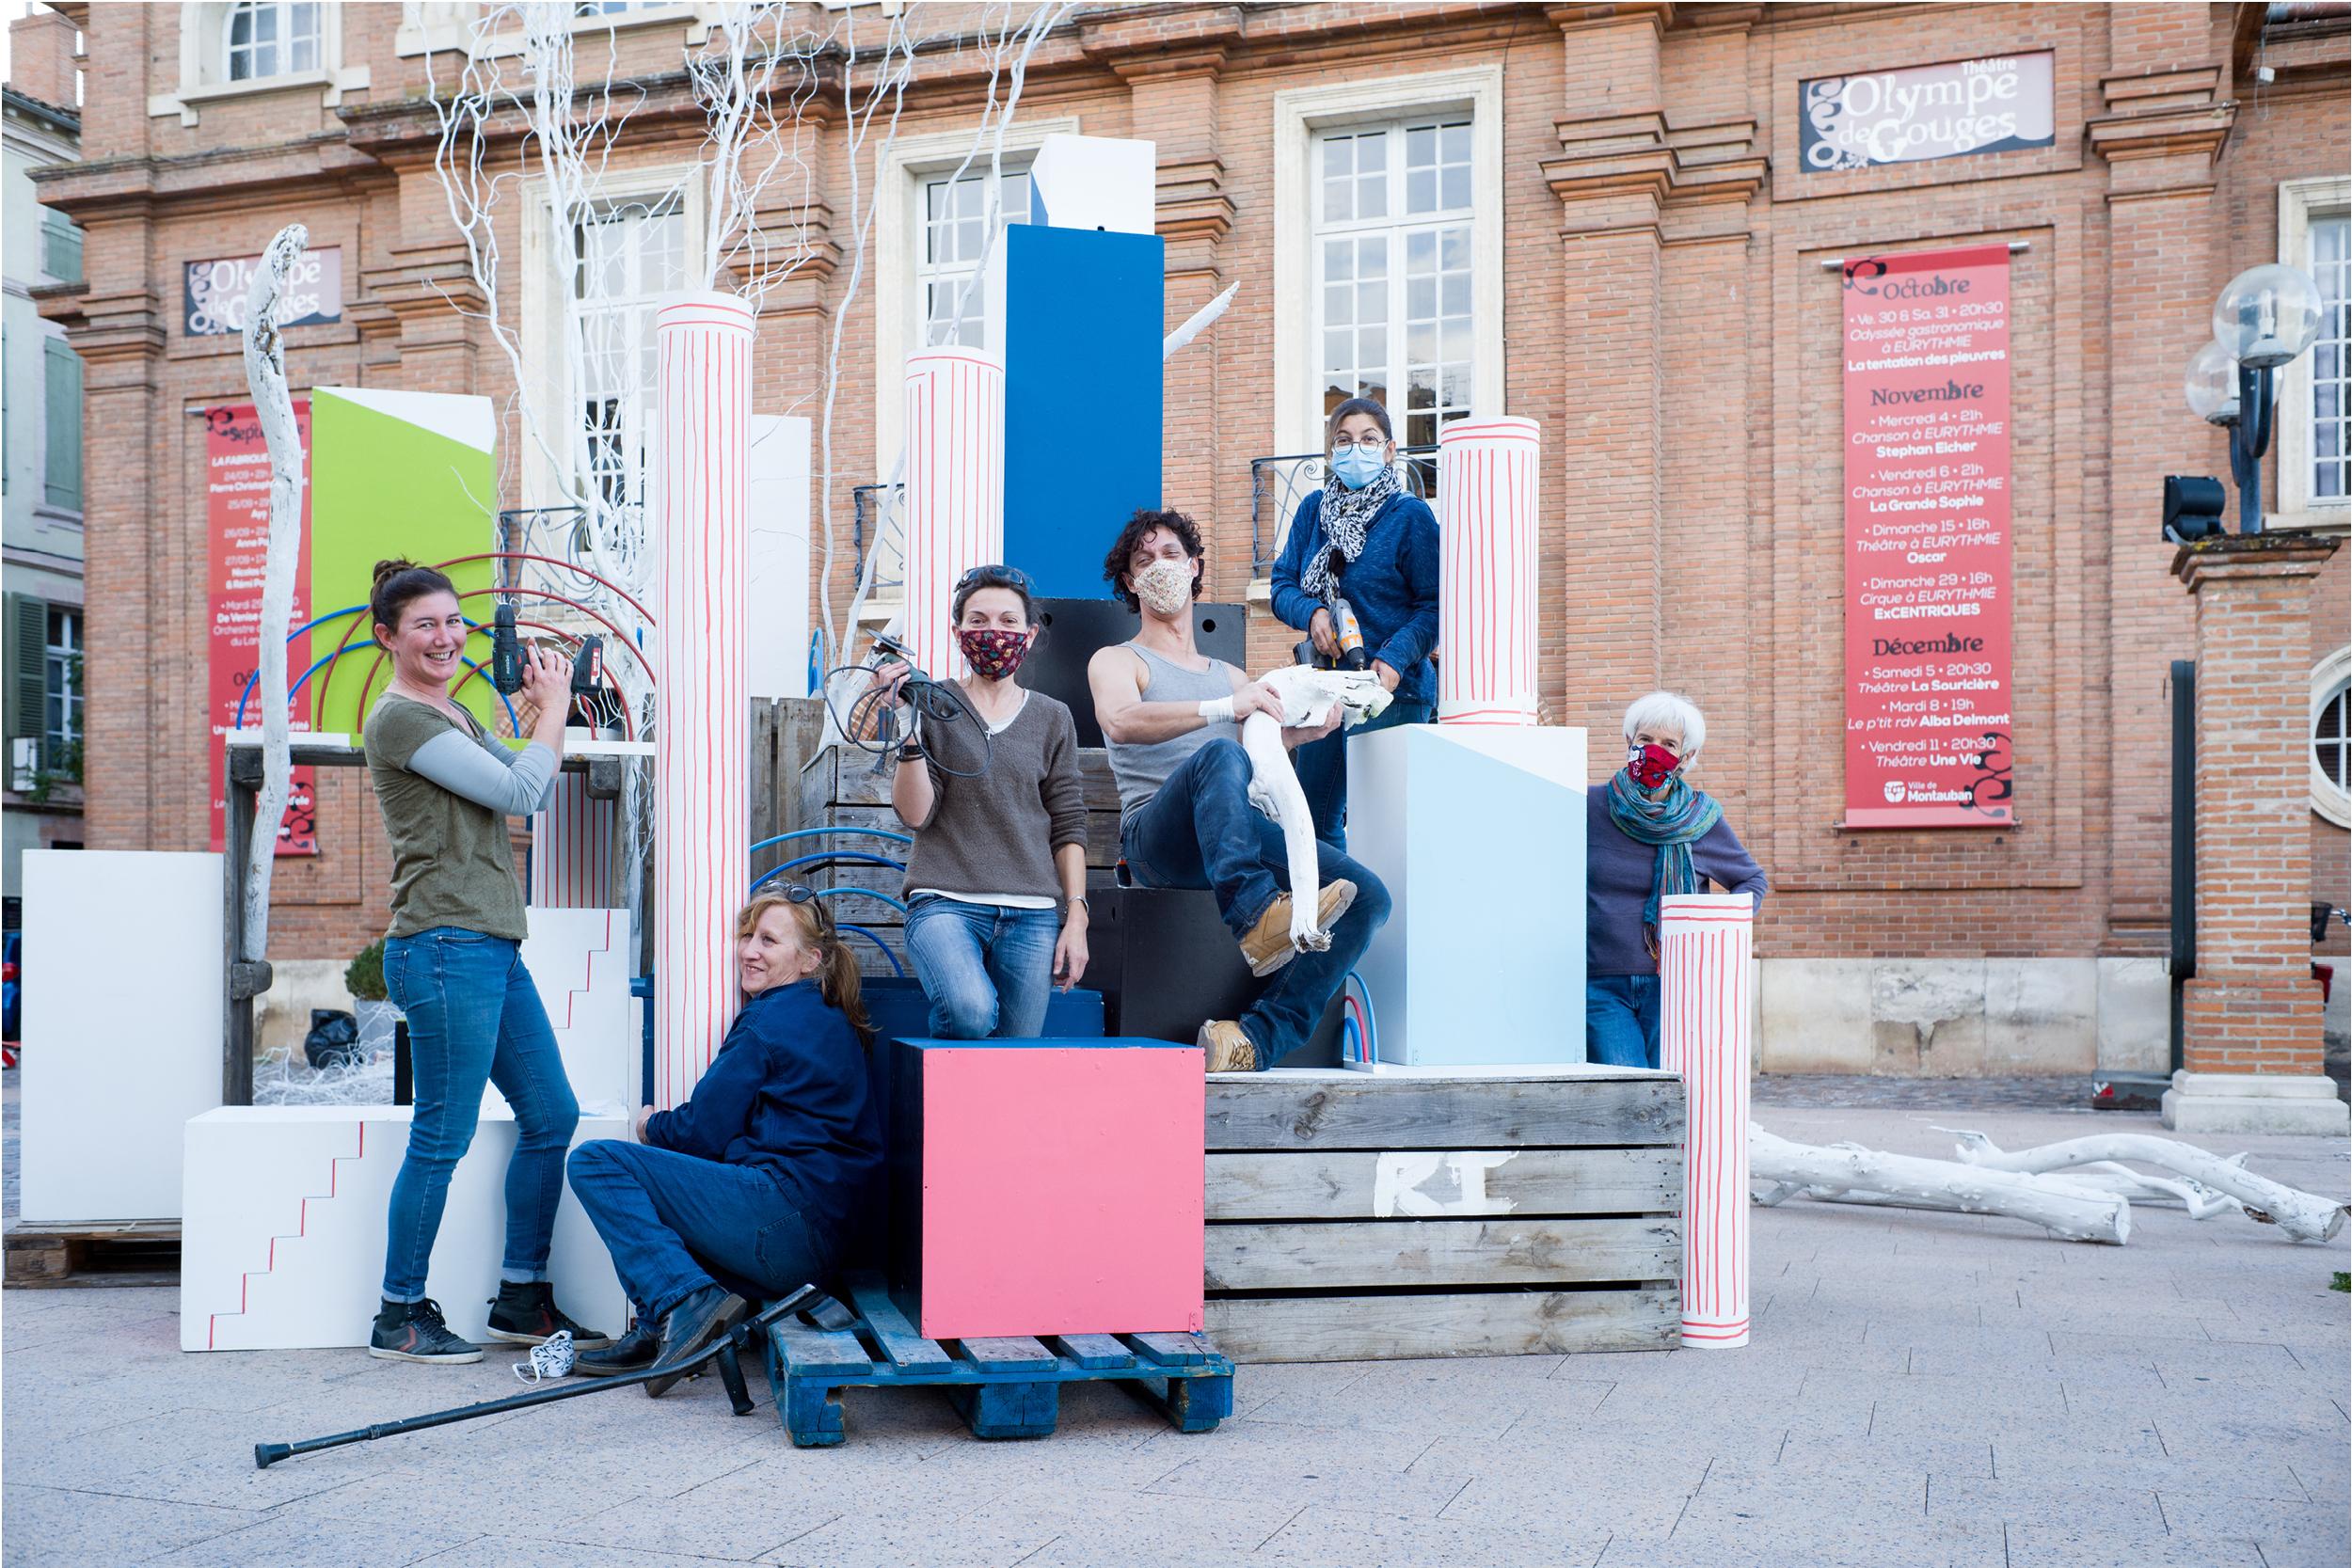 Le théâtre Olympe de Gouges accueille cette année encore le décor du festival Lettres d'Automne. Malgré l'annulation nous avons tenu à ce que ce travail puisse être vu des Montalbanais.Photos Patricia Huchot-Boissier